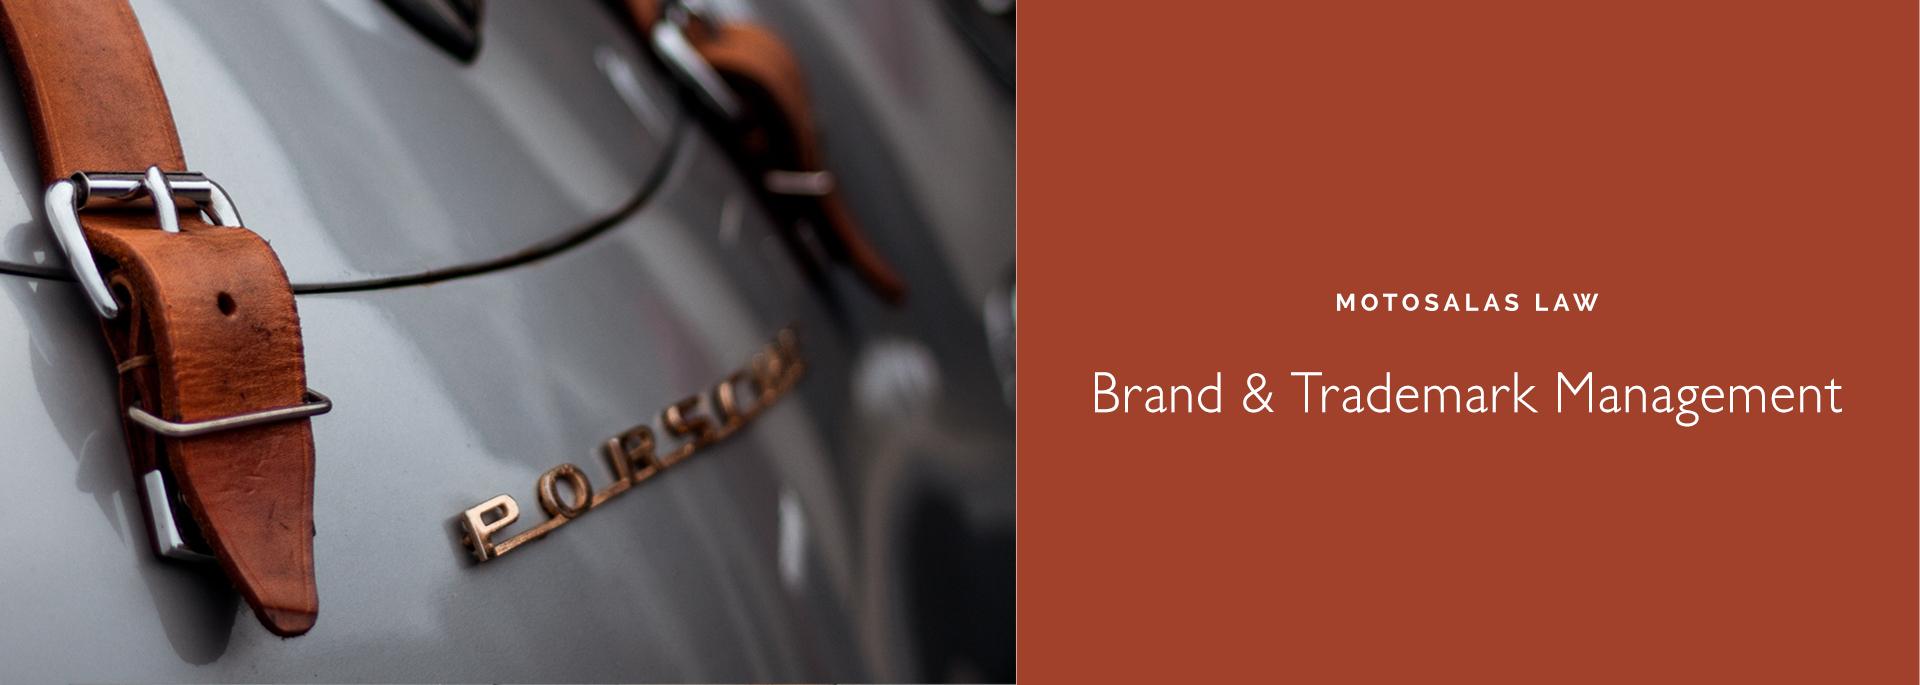 TrademarkPage_HeroImage.jpg